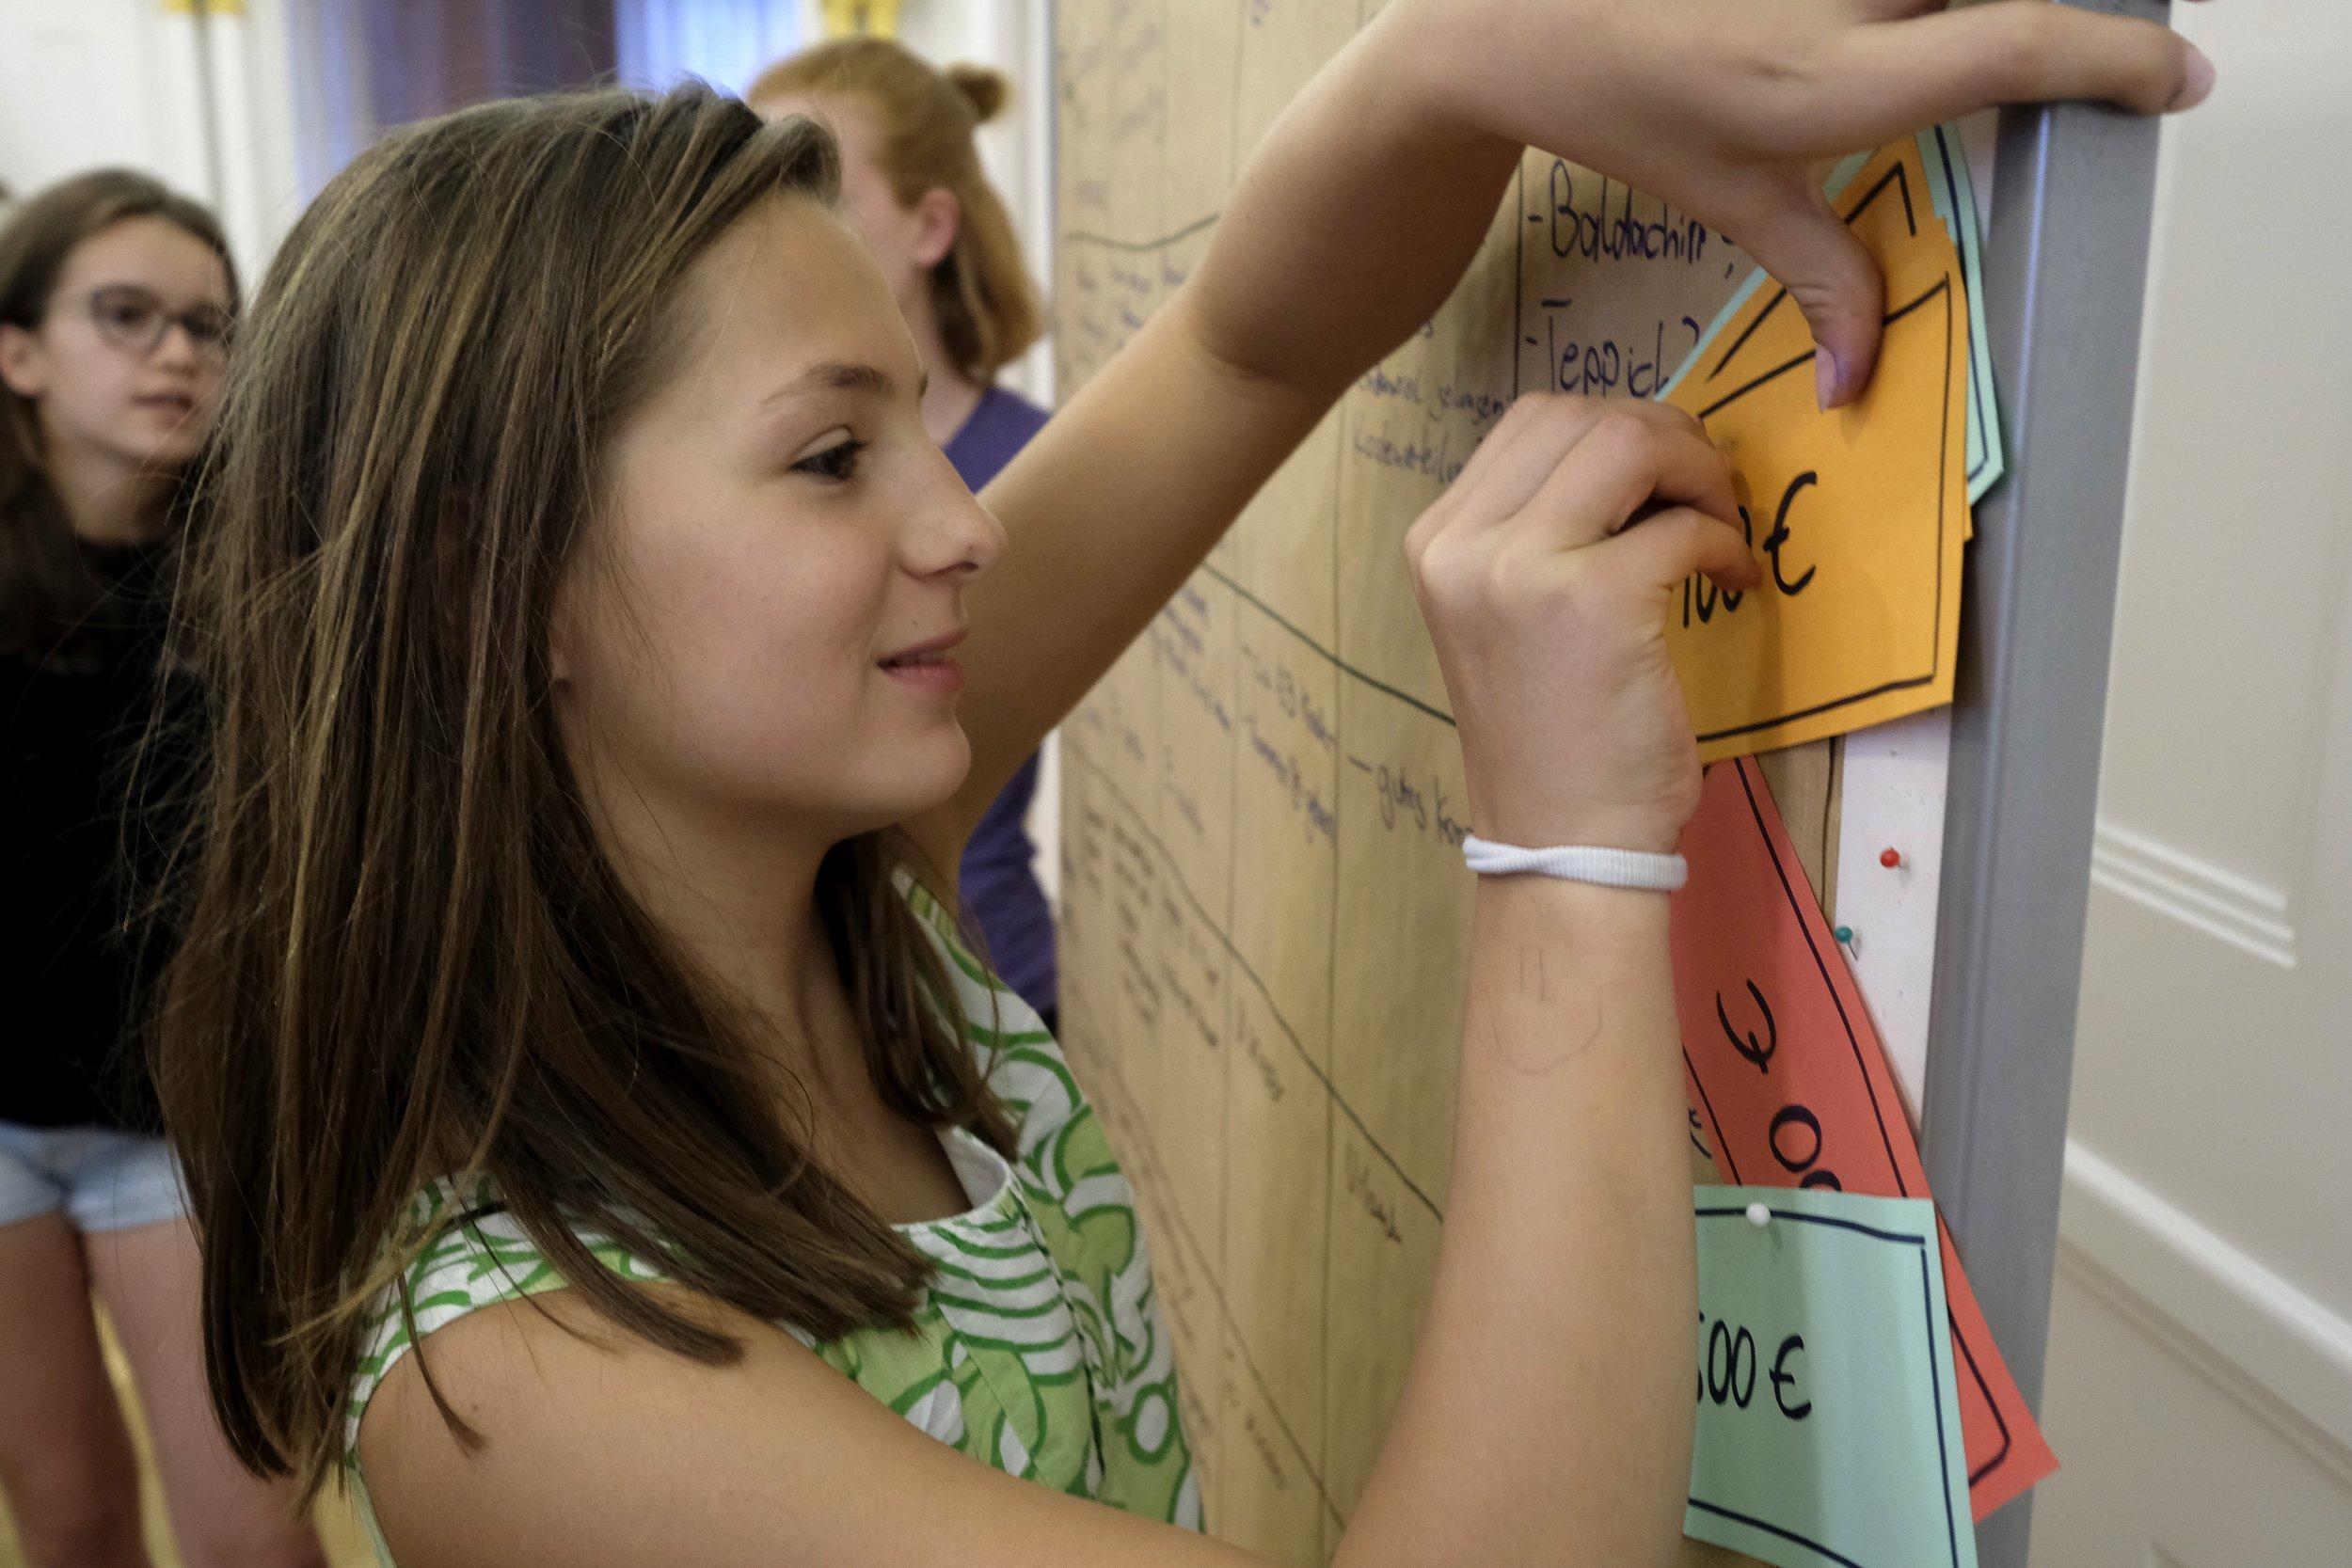 Bild vom CHILDREN Kinderbeirat (Partizipation): Ein Mädchen pinnt gebastelte Geldscheine an eine Stellwand